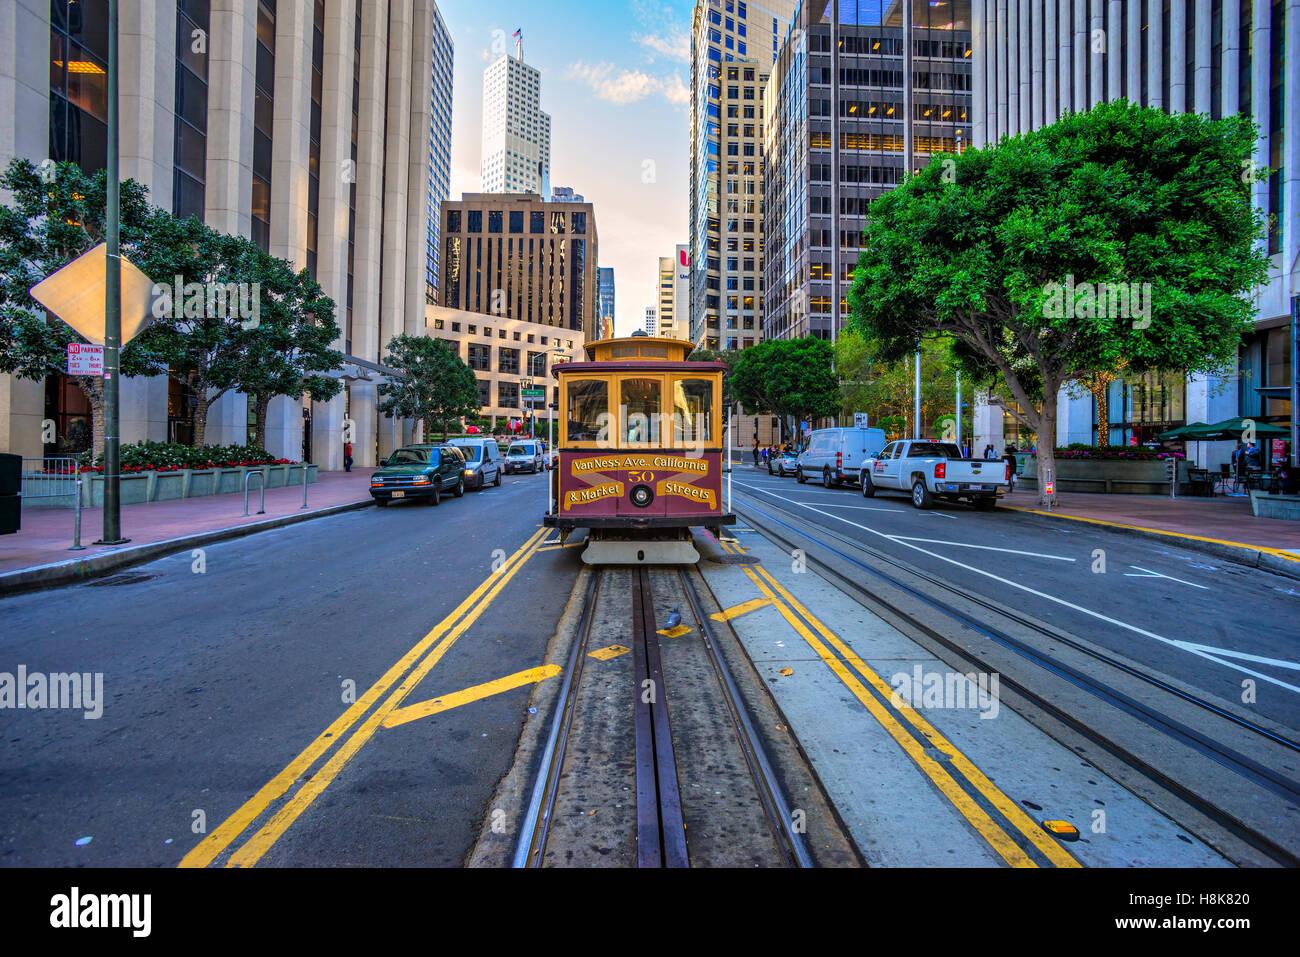 SAN FRANCISCO, Estados Unidos - 16 de diciembre: Los pasajeros disfrutan de un paseo en teleférico en Dec 16, Imagen De Stock